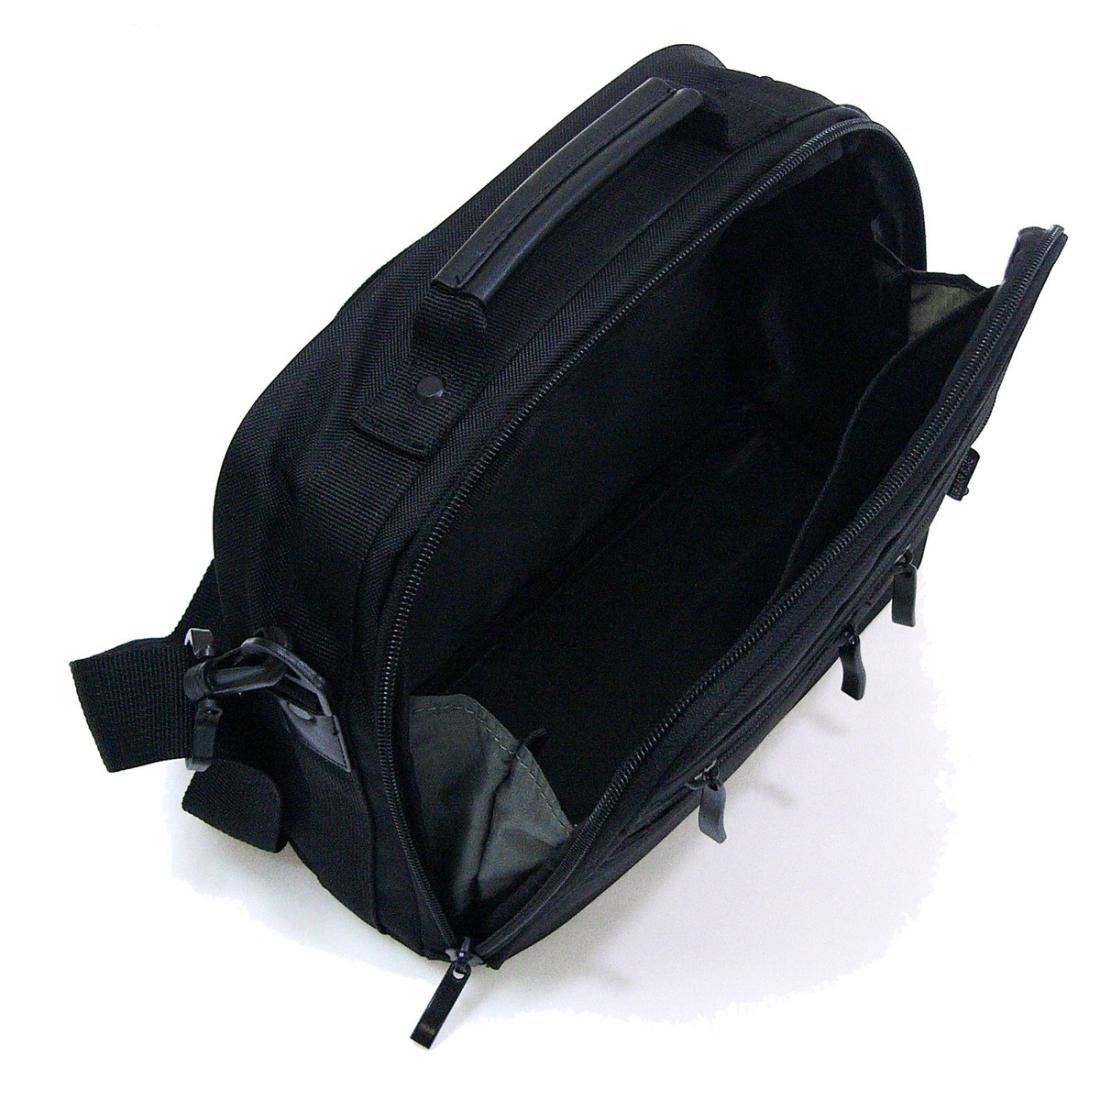 軽量ショルダーバック横型 ブラックショルダー ベルトバック 軽量nmvNO08w